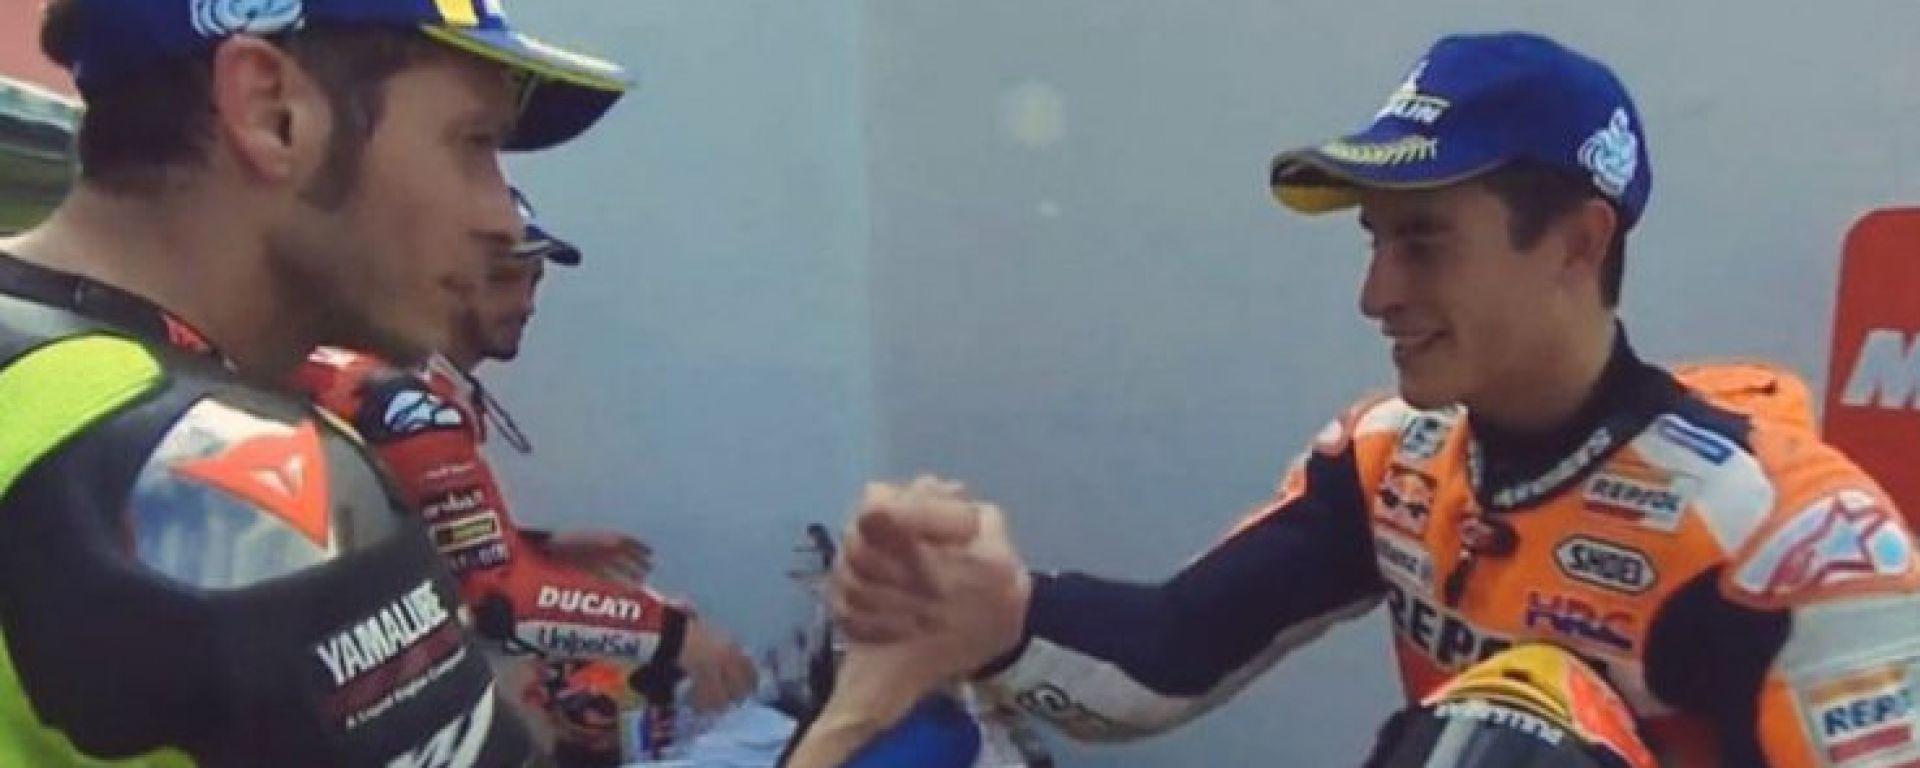 MotoGP Argentina 2019, Rossi e Marquez si stringono la mano dietro al podio